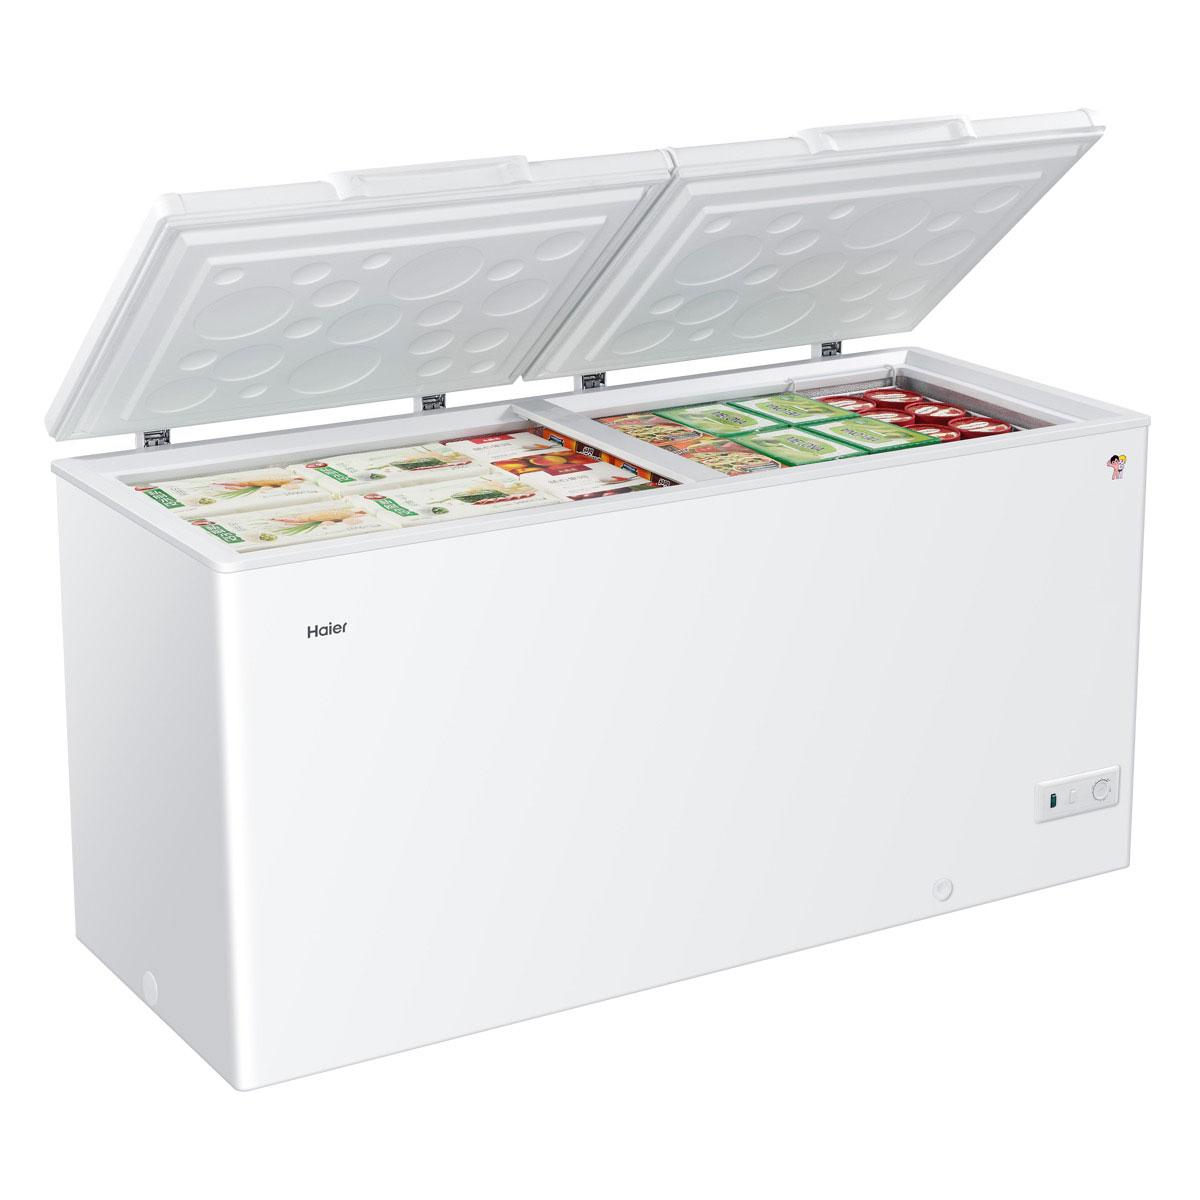 澳柯玛冷冻柜_海尔卧式冰箱冰柜哪种牌子比较好 价格